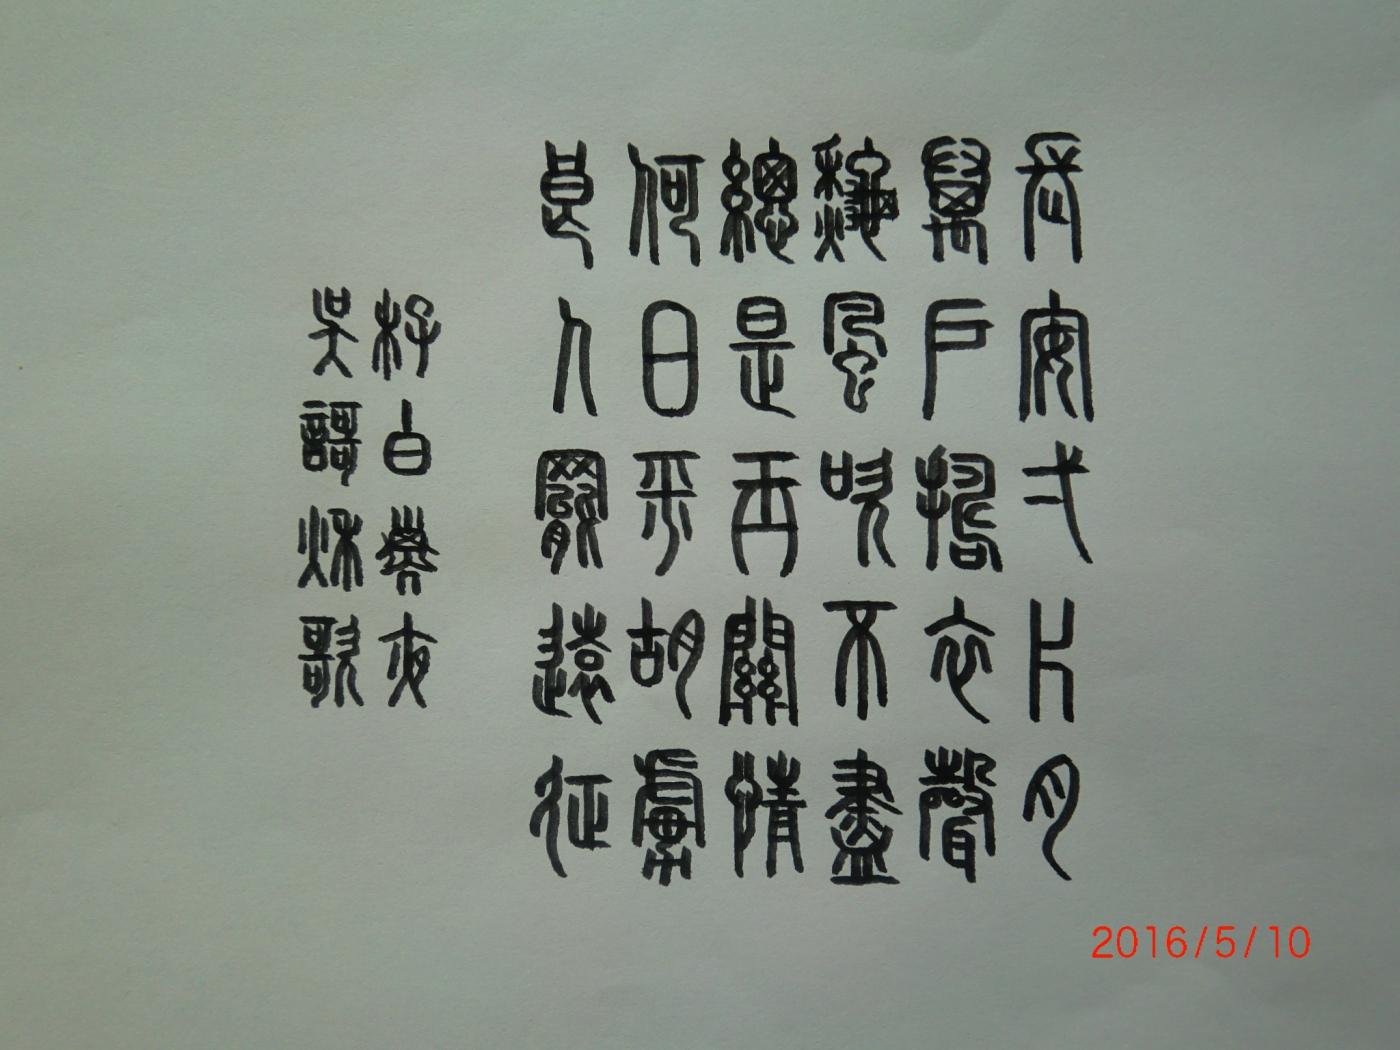 篆书 李白 子夜吴歌 秋歌_图1-1